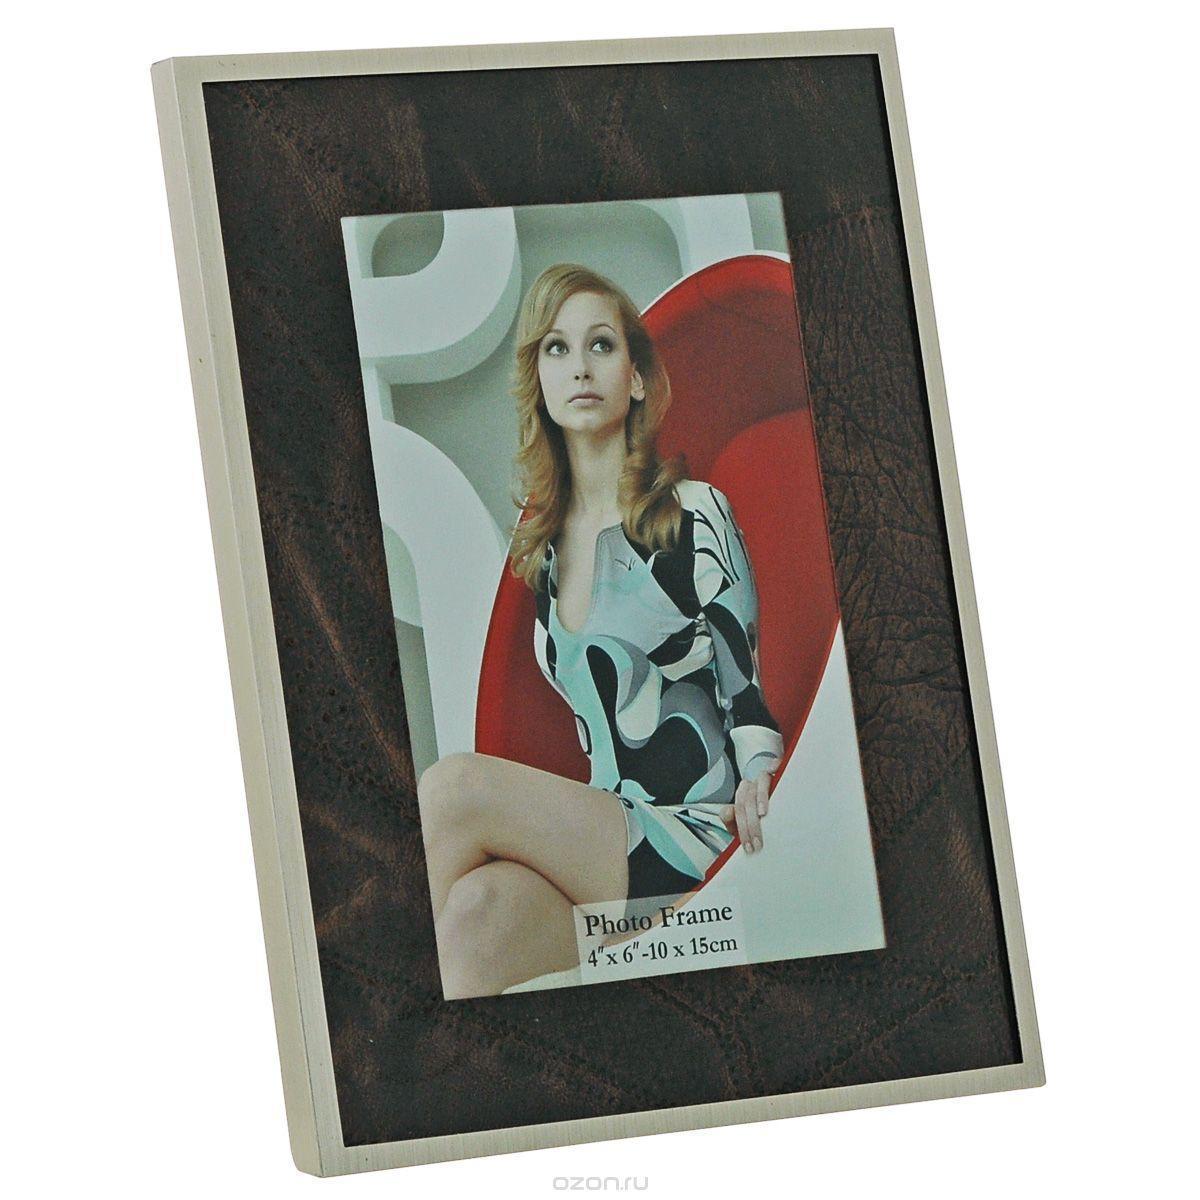 ФоторамкаImage Art 6035-4G12179 WF-019/179Фоторамка Image Art - прекрасный способ красиво оформить ваши фотографии. Изделие рассчитано на 2 фотографии. Фоторамка выполнена из металла и защищена стеклом. Фоторамку можно поставить на стол или подвесить на стену, для чего с задней стороны предусмотрены специальные отверстия. Такая фоторамка поможет сохранить на память самые яркие моменты вашей жизни, а стильный дизайн сделает ее прекрасным дополнением интерьера.